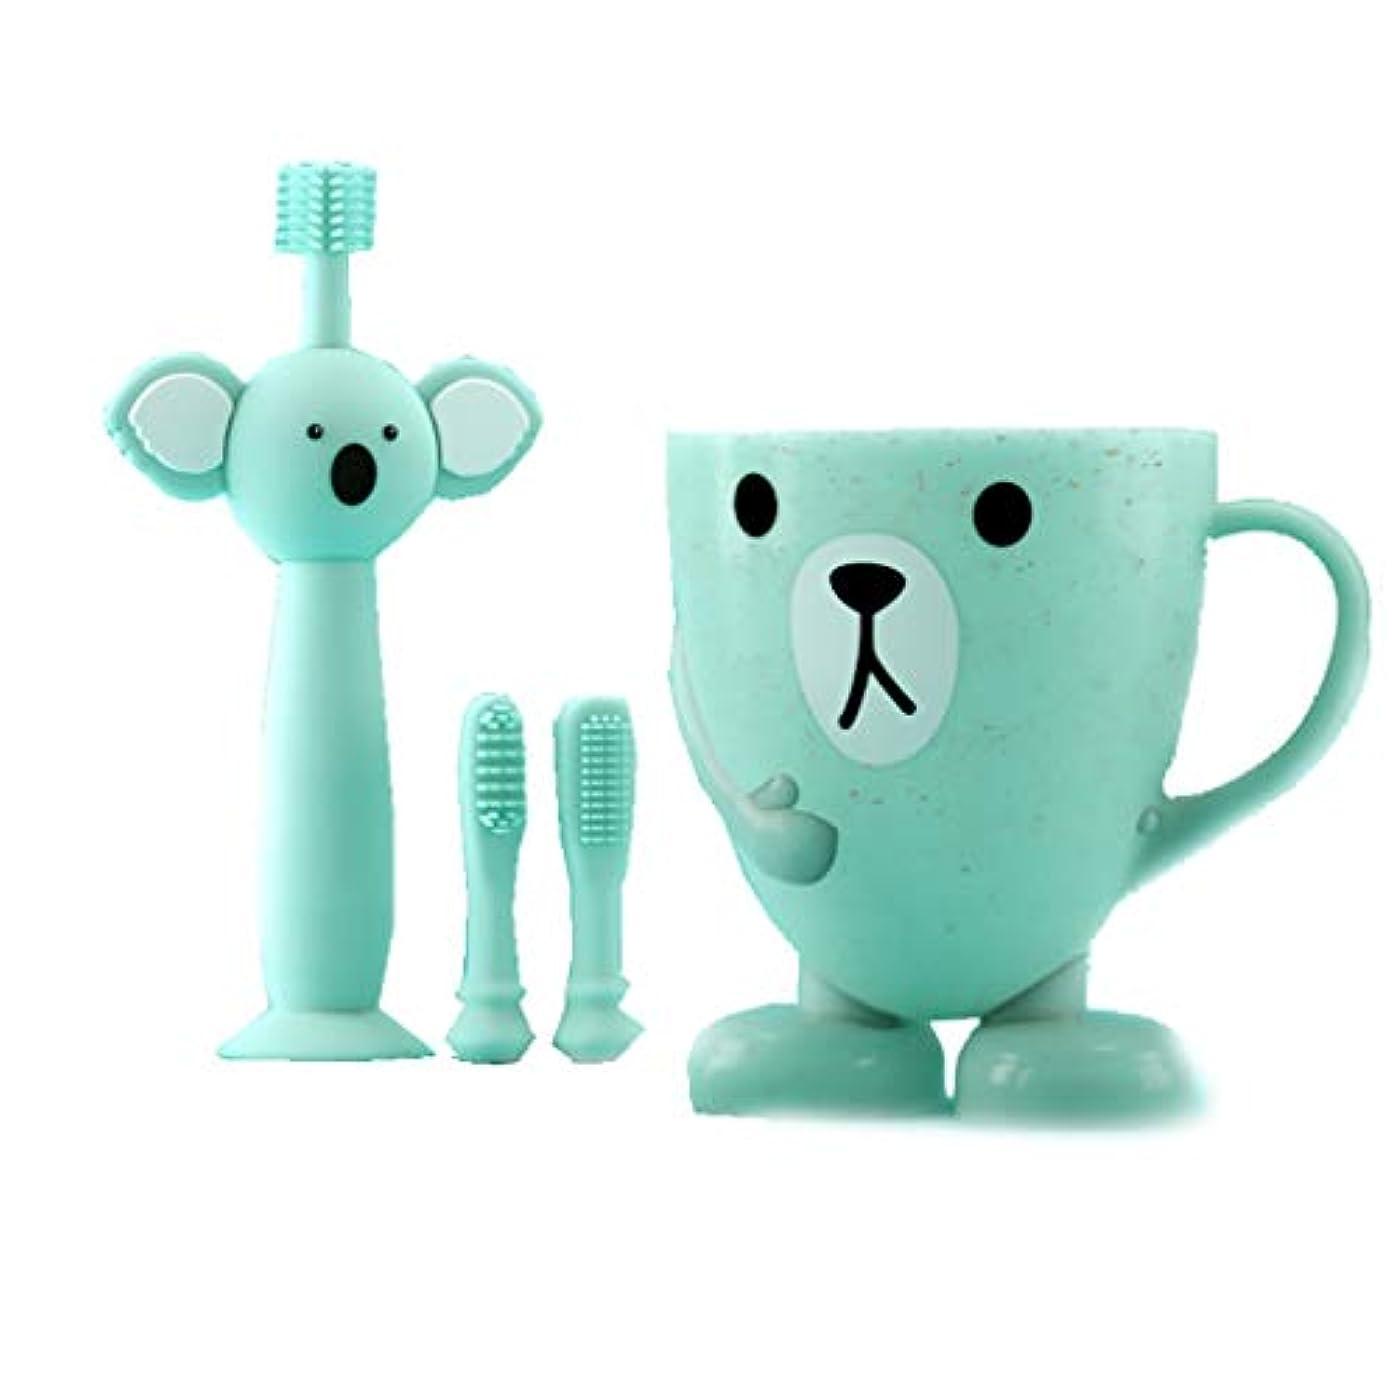 生き物過言アデレード赤ちゃんの歯ブラシの子供、360度きれいな柔らかい髪、慎重に選択されたシリコーン材料、歯をきれいにしながら歯茎をマッサージします。 (色 : B)